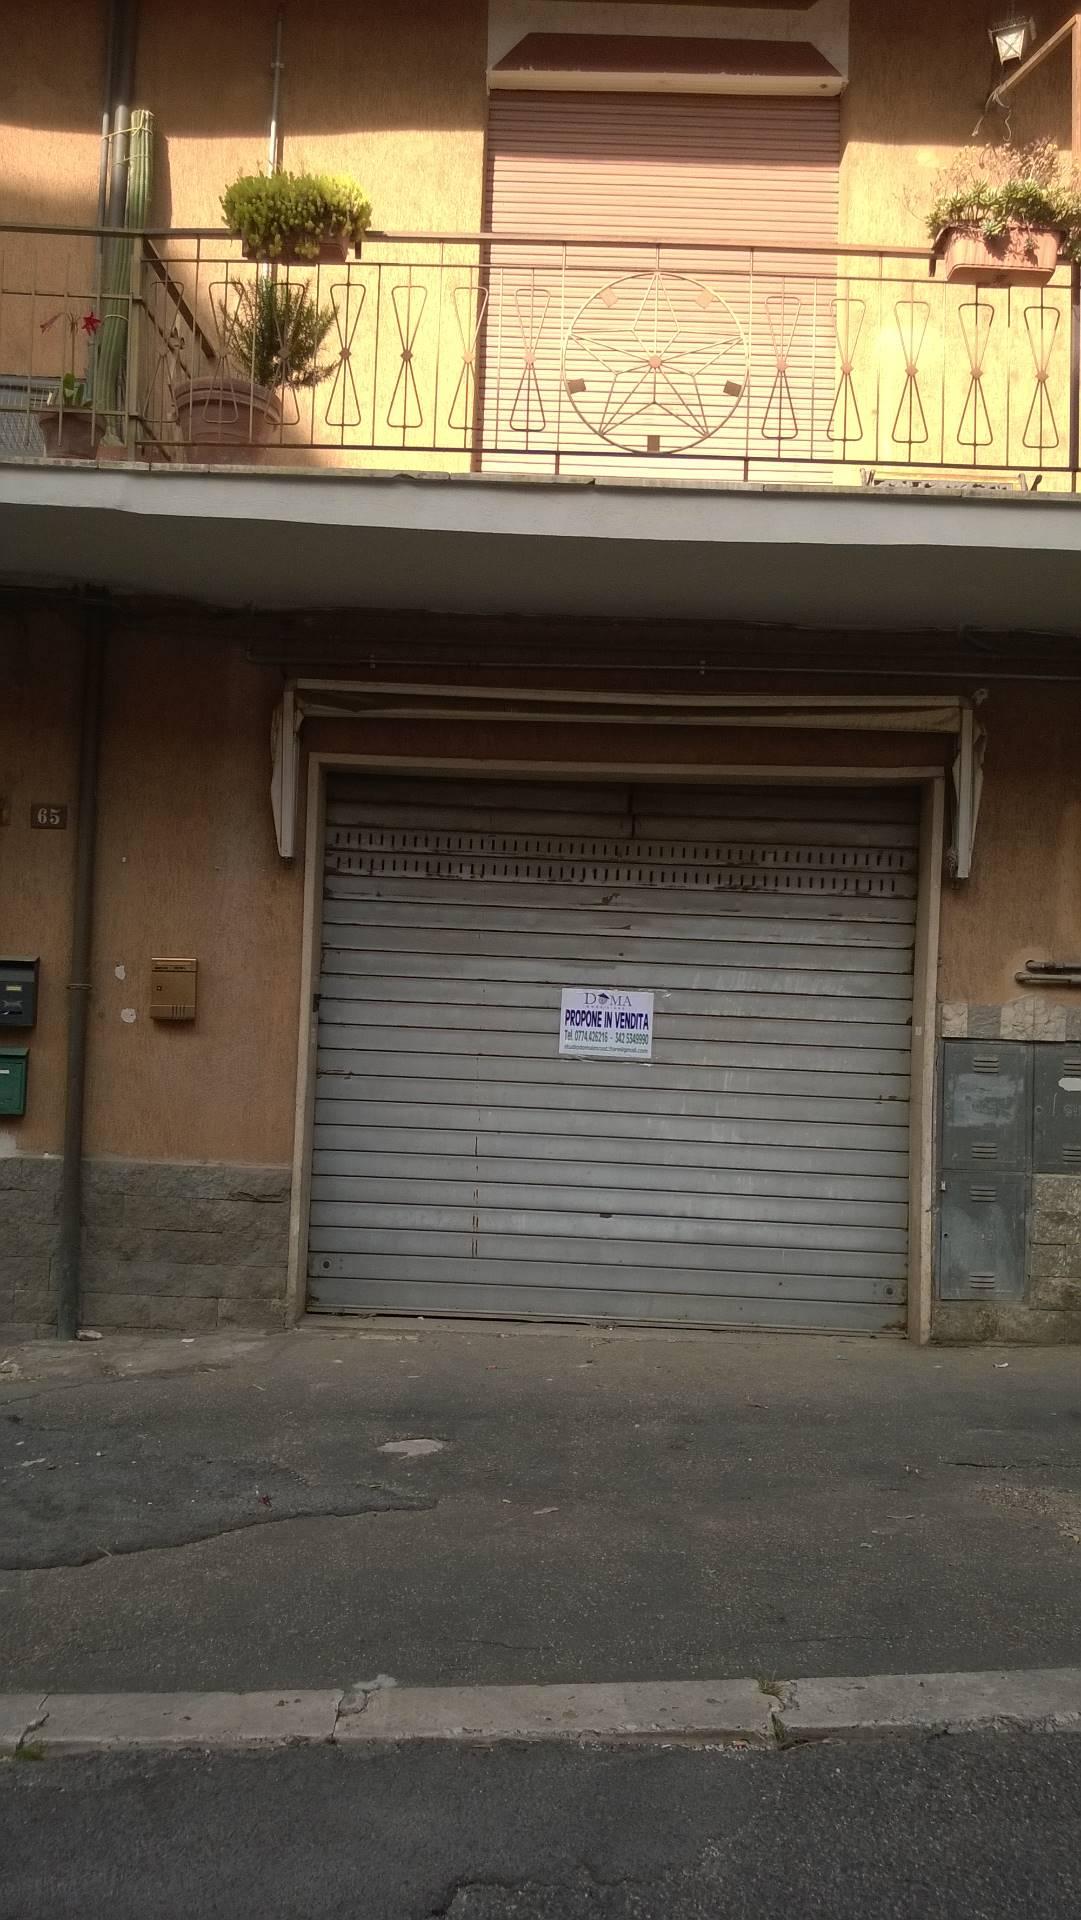 Negozio / Locale in vendita a Marcellina, 9999 locali, zona Località: Paese, prezzo € 35.000 | Cambio Casa.it